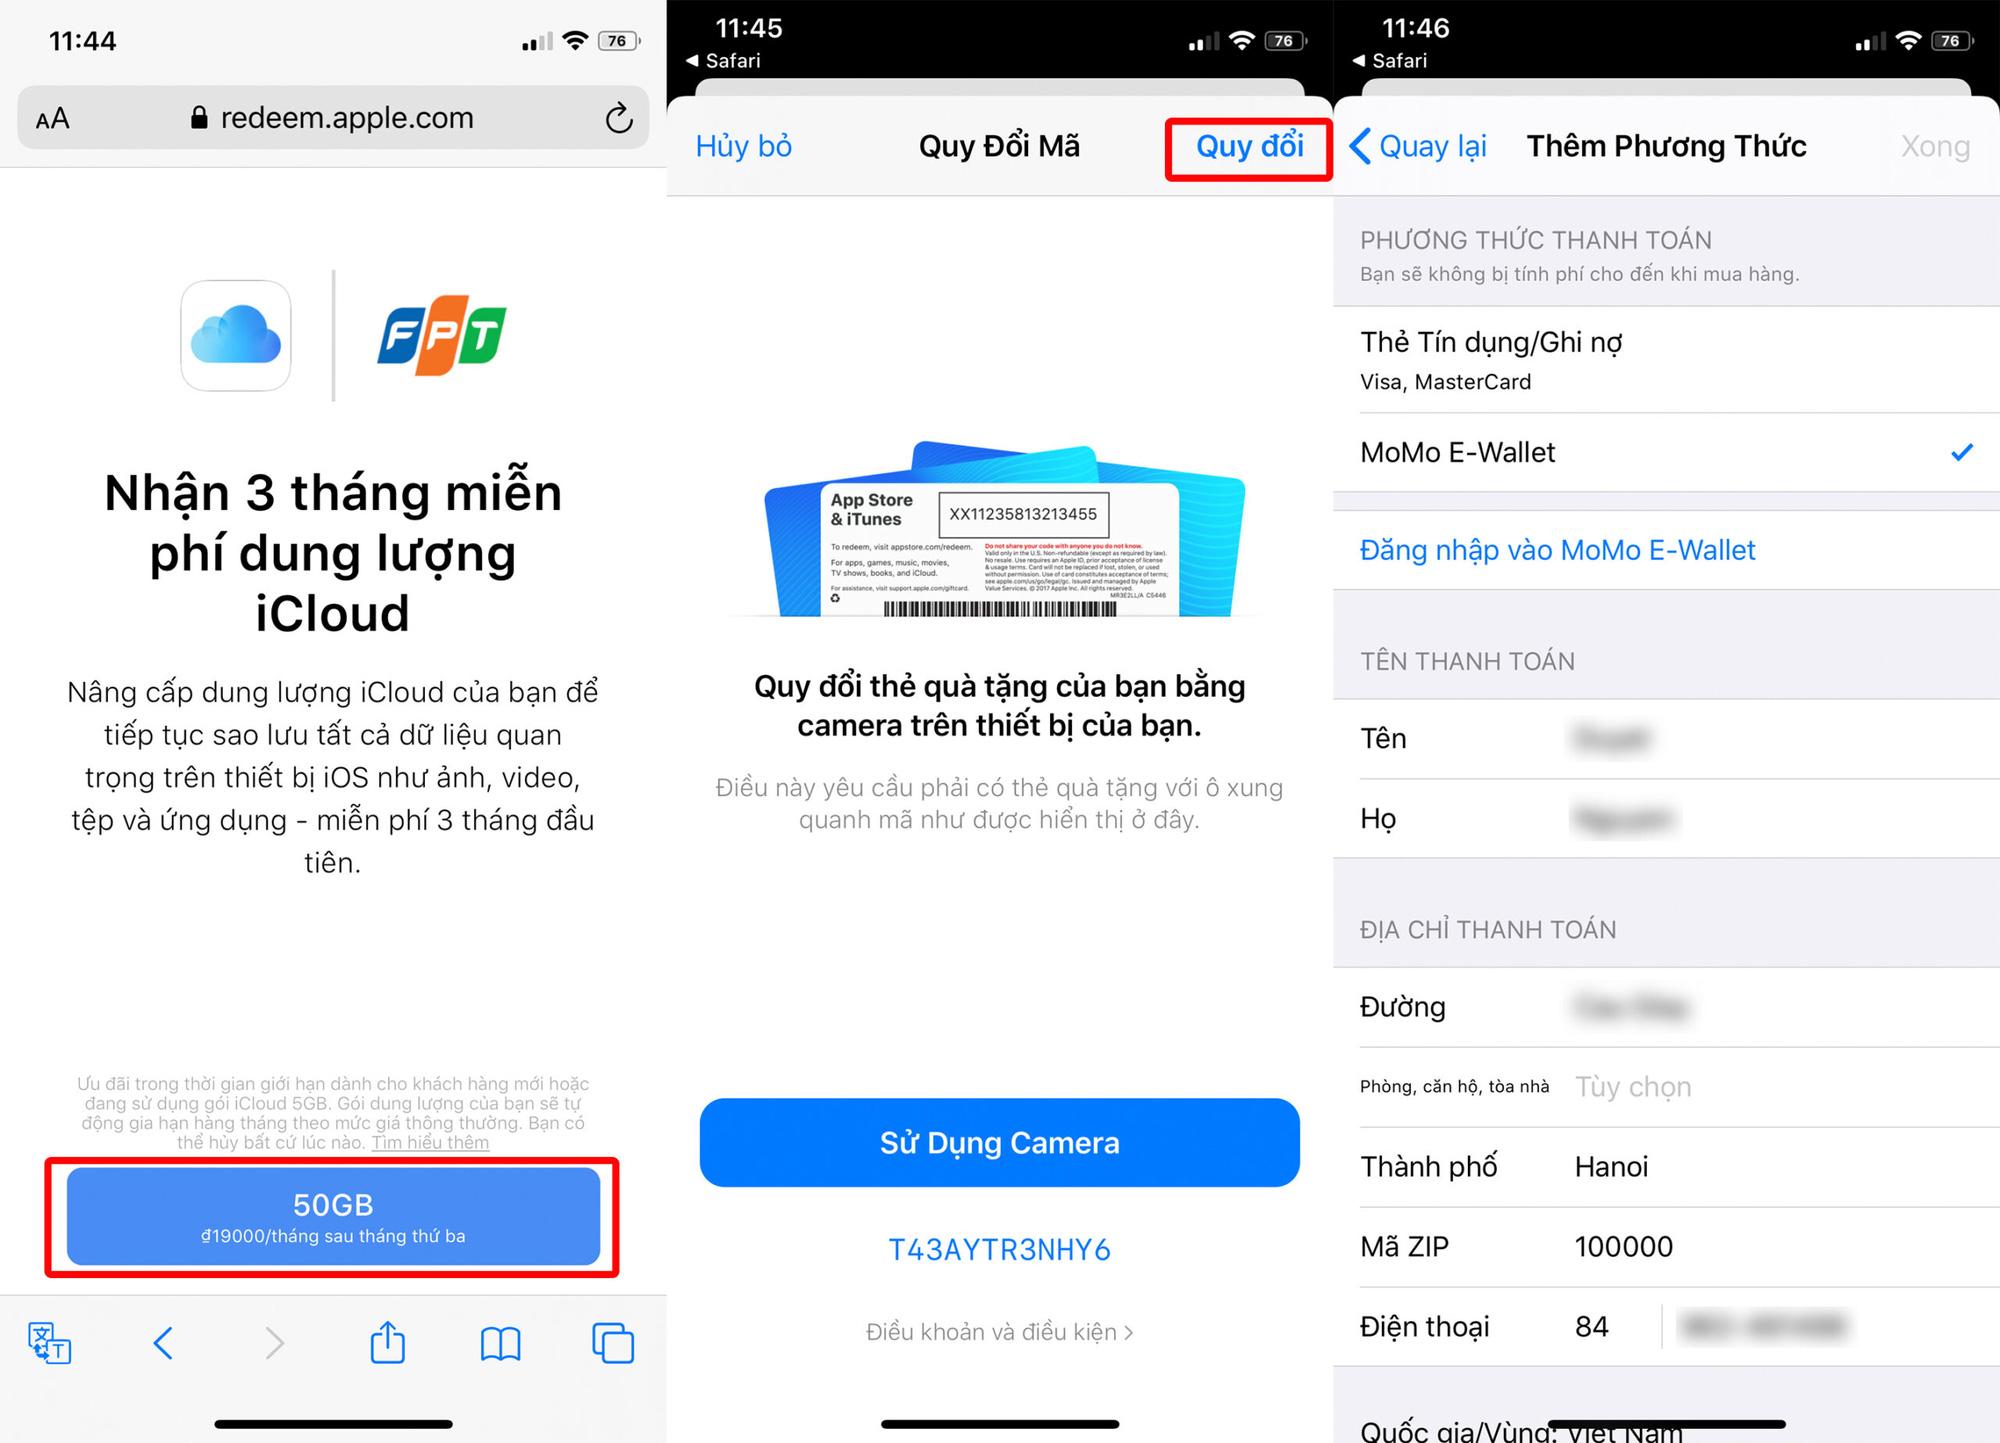 Hướng dẫn cách nhận 50GB dung lượng iCloud miễn phí - Ảnh 3.